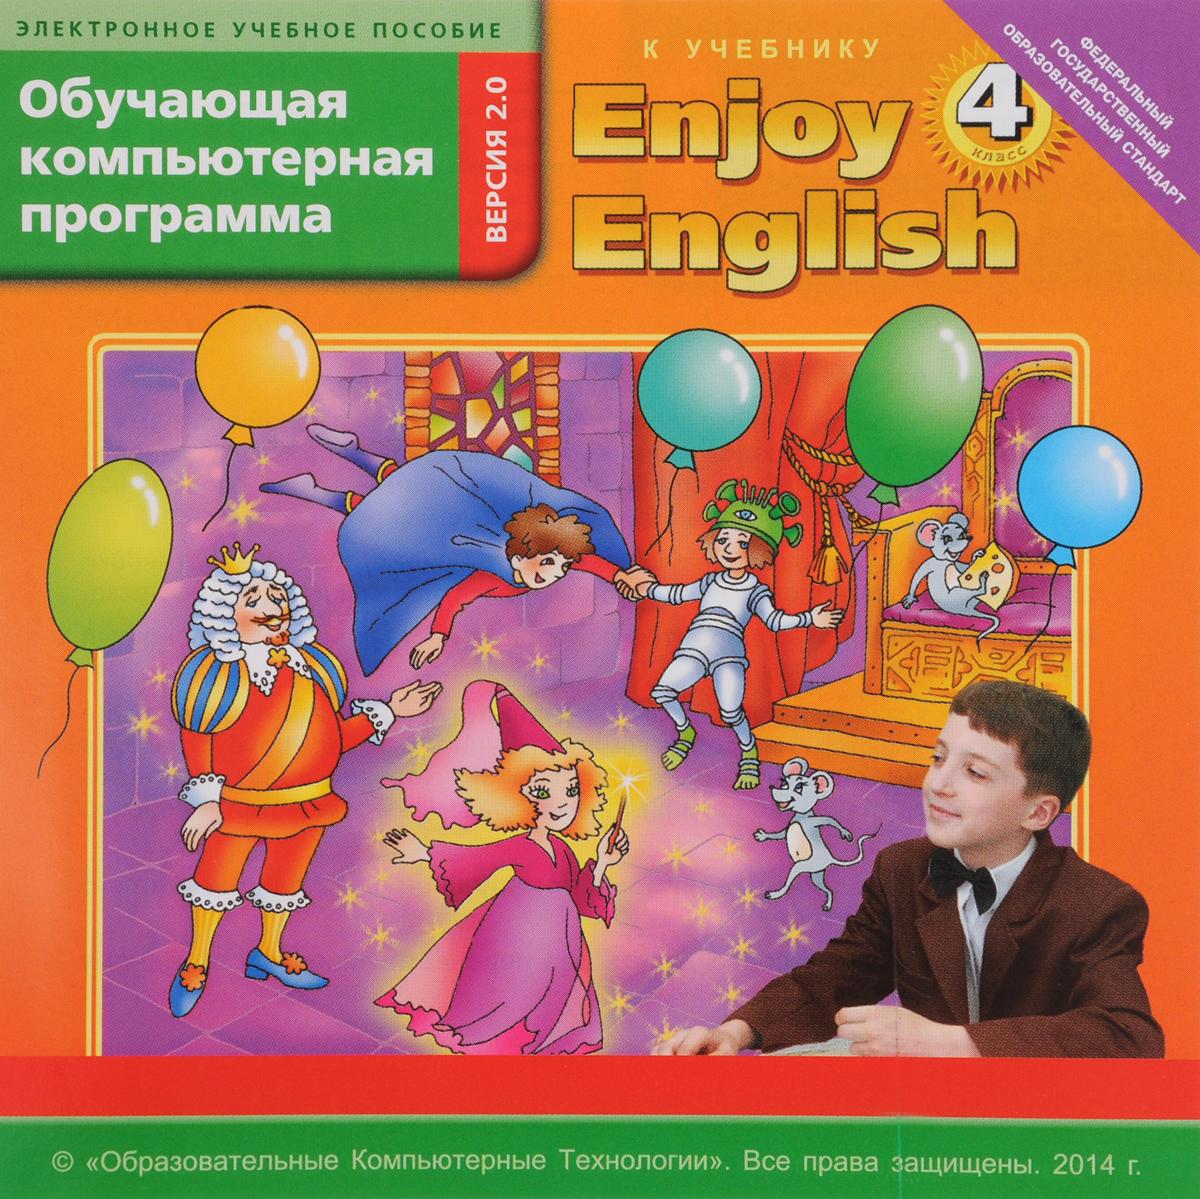 Enjoy English 4 / Английский с удовольствием. 4 класс. Обучающая компьютерная программа